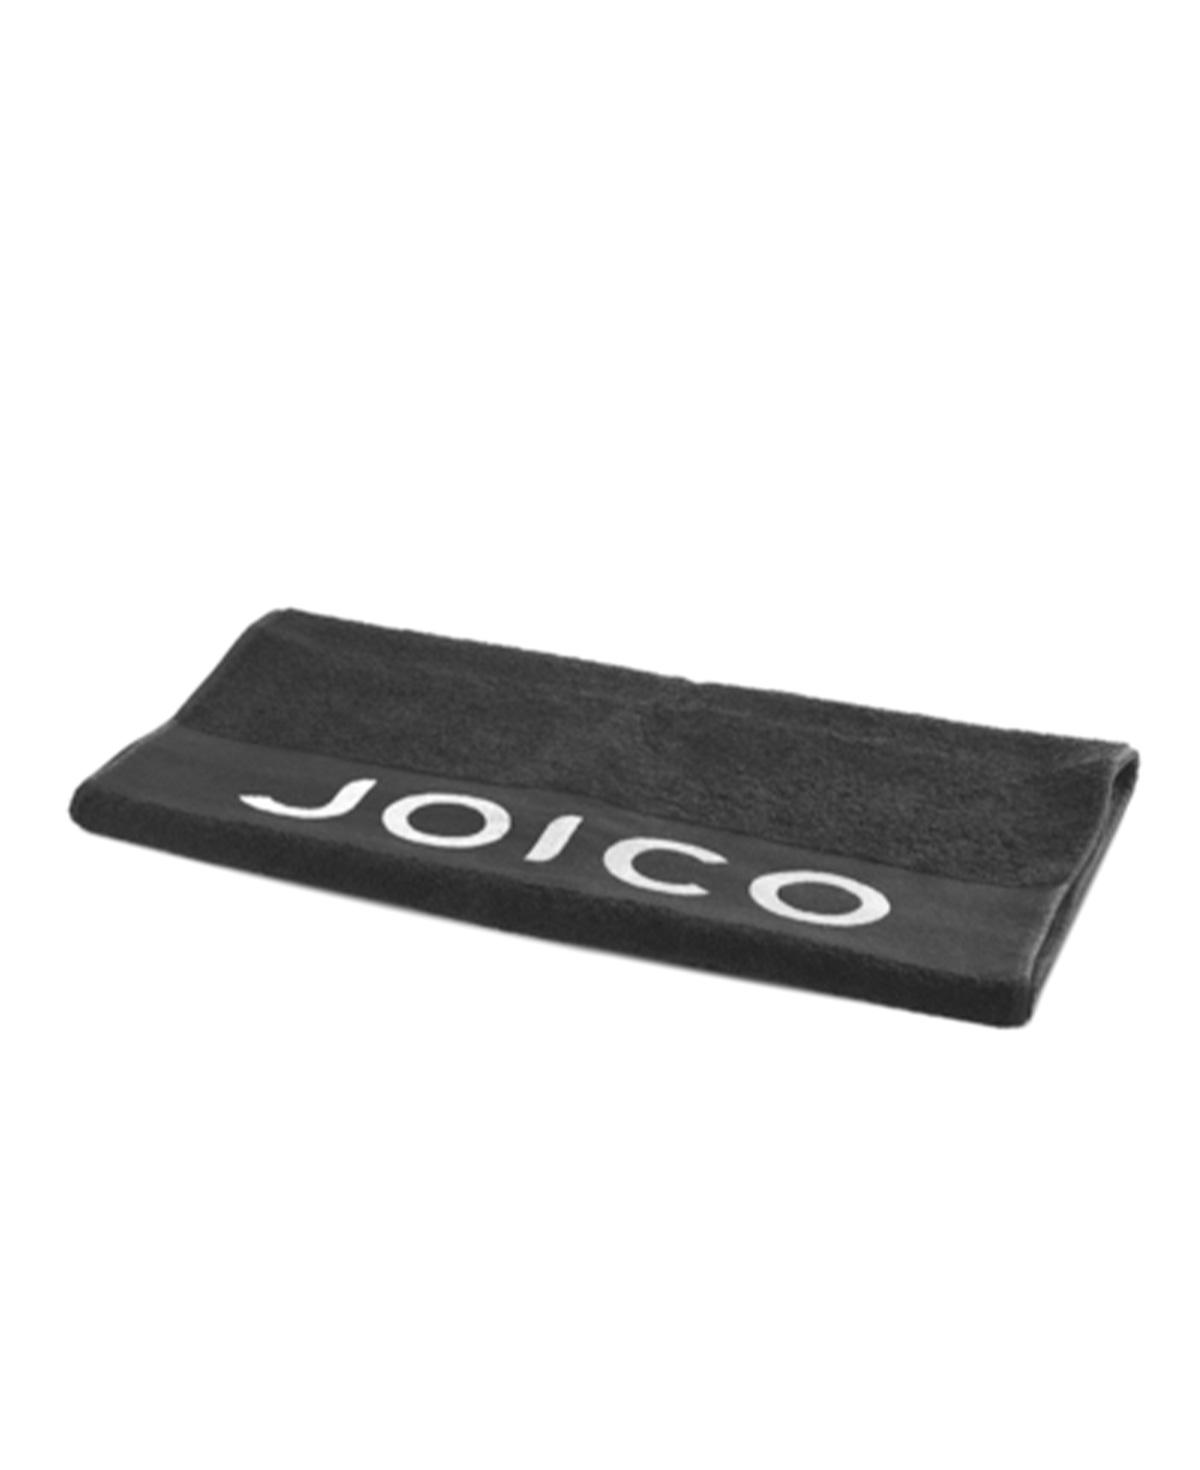 Joico Salon Handtuch schwarz